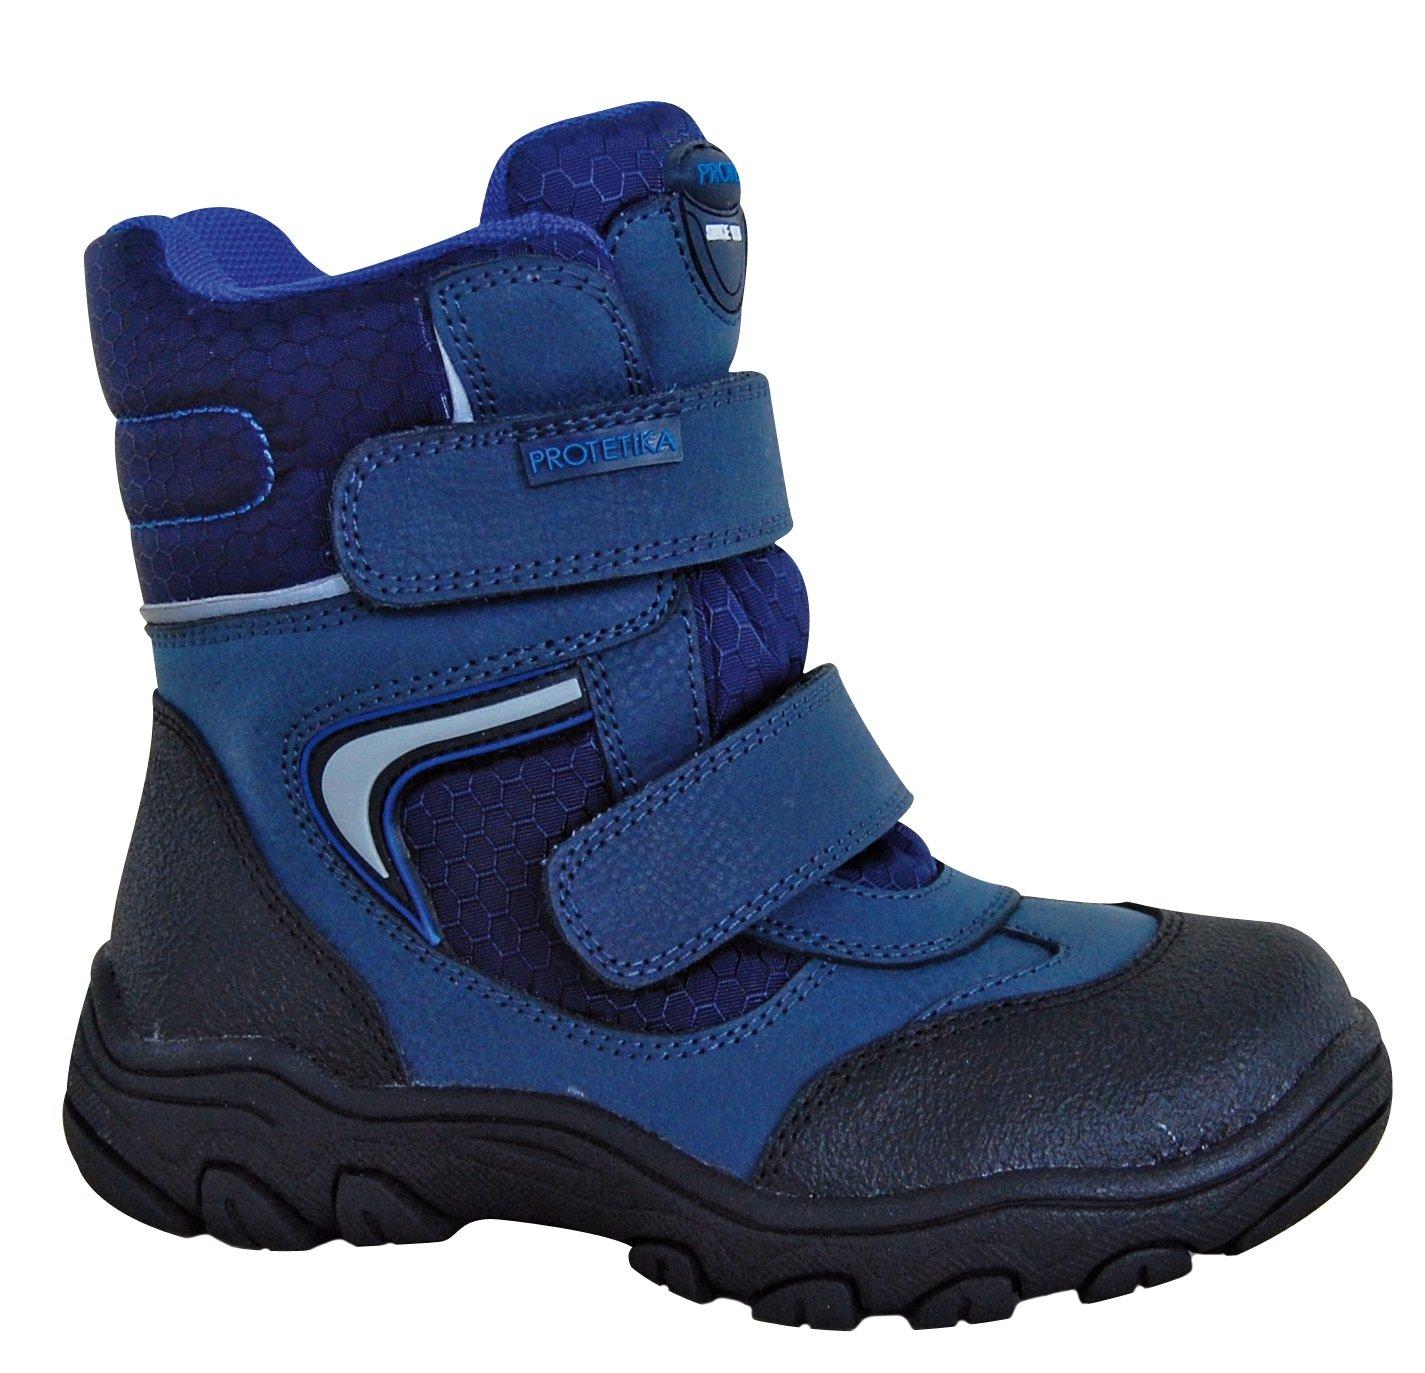 Protetika Chlapecké zimní boty s membránou Torsten - modré - Glami.cz 54c3a07f98